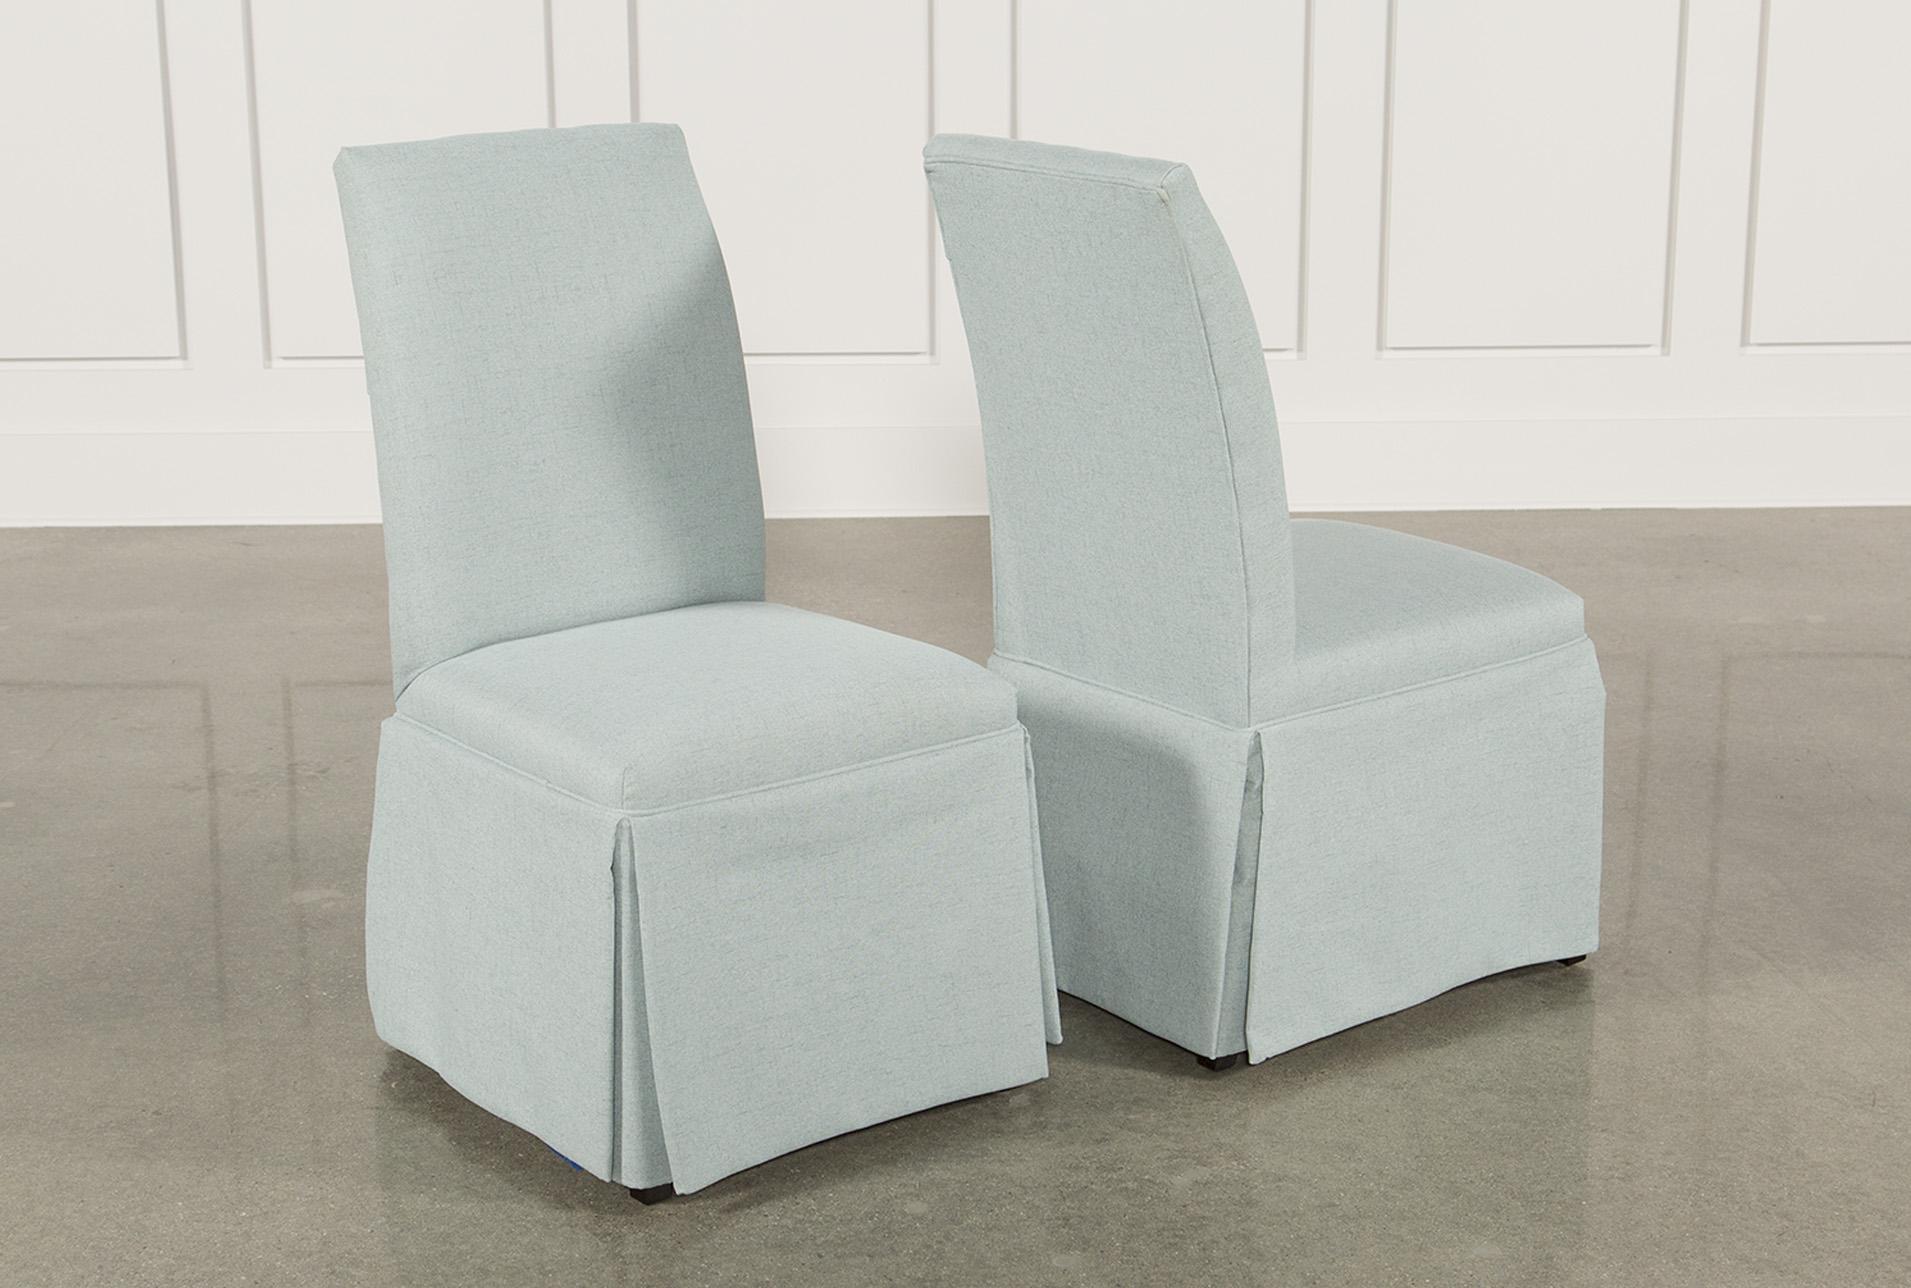 Garten couch best ideas about lounge sofa garten on for Bauen modern medesta